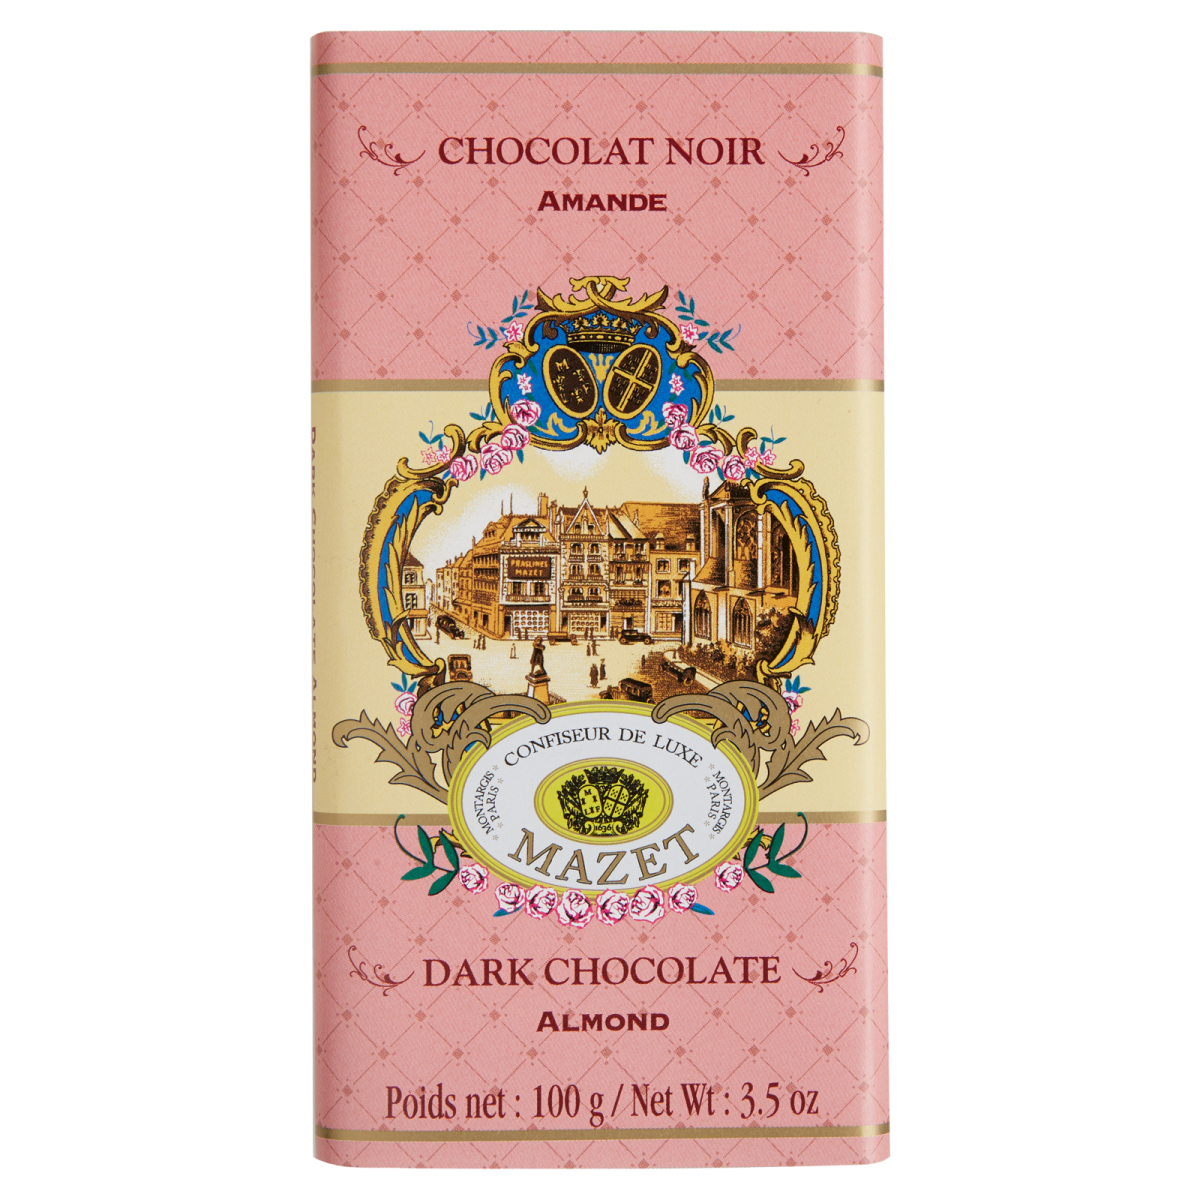 Tablettes de Chocolat - Tablette noir Amande 100g